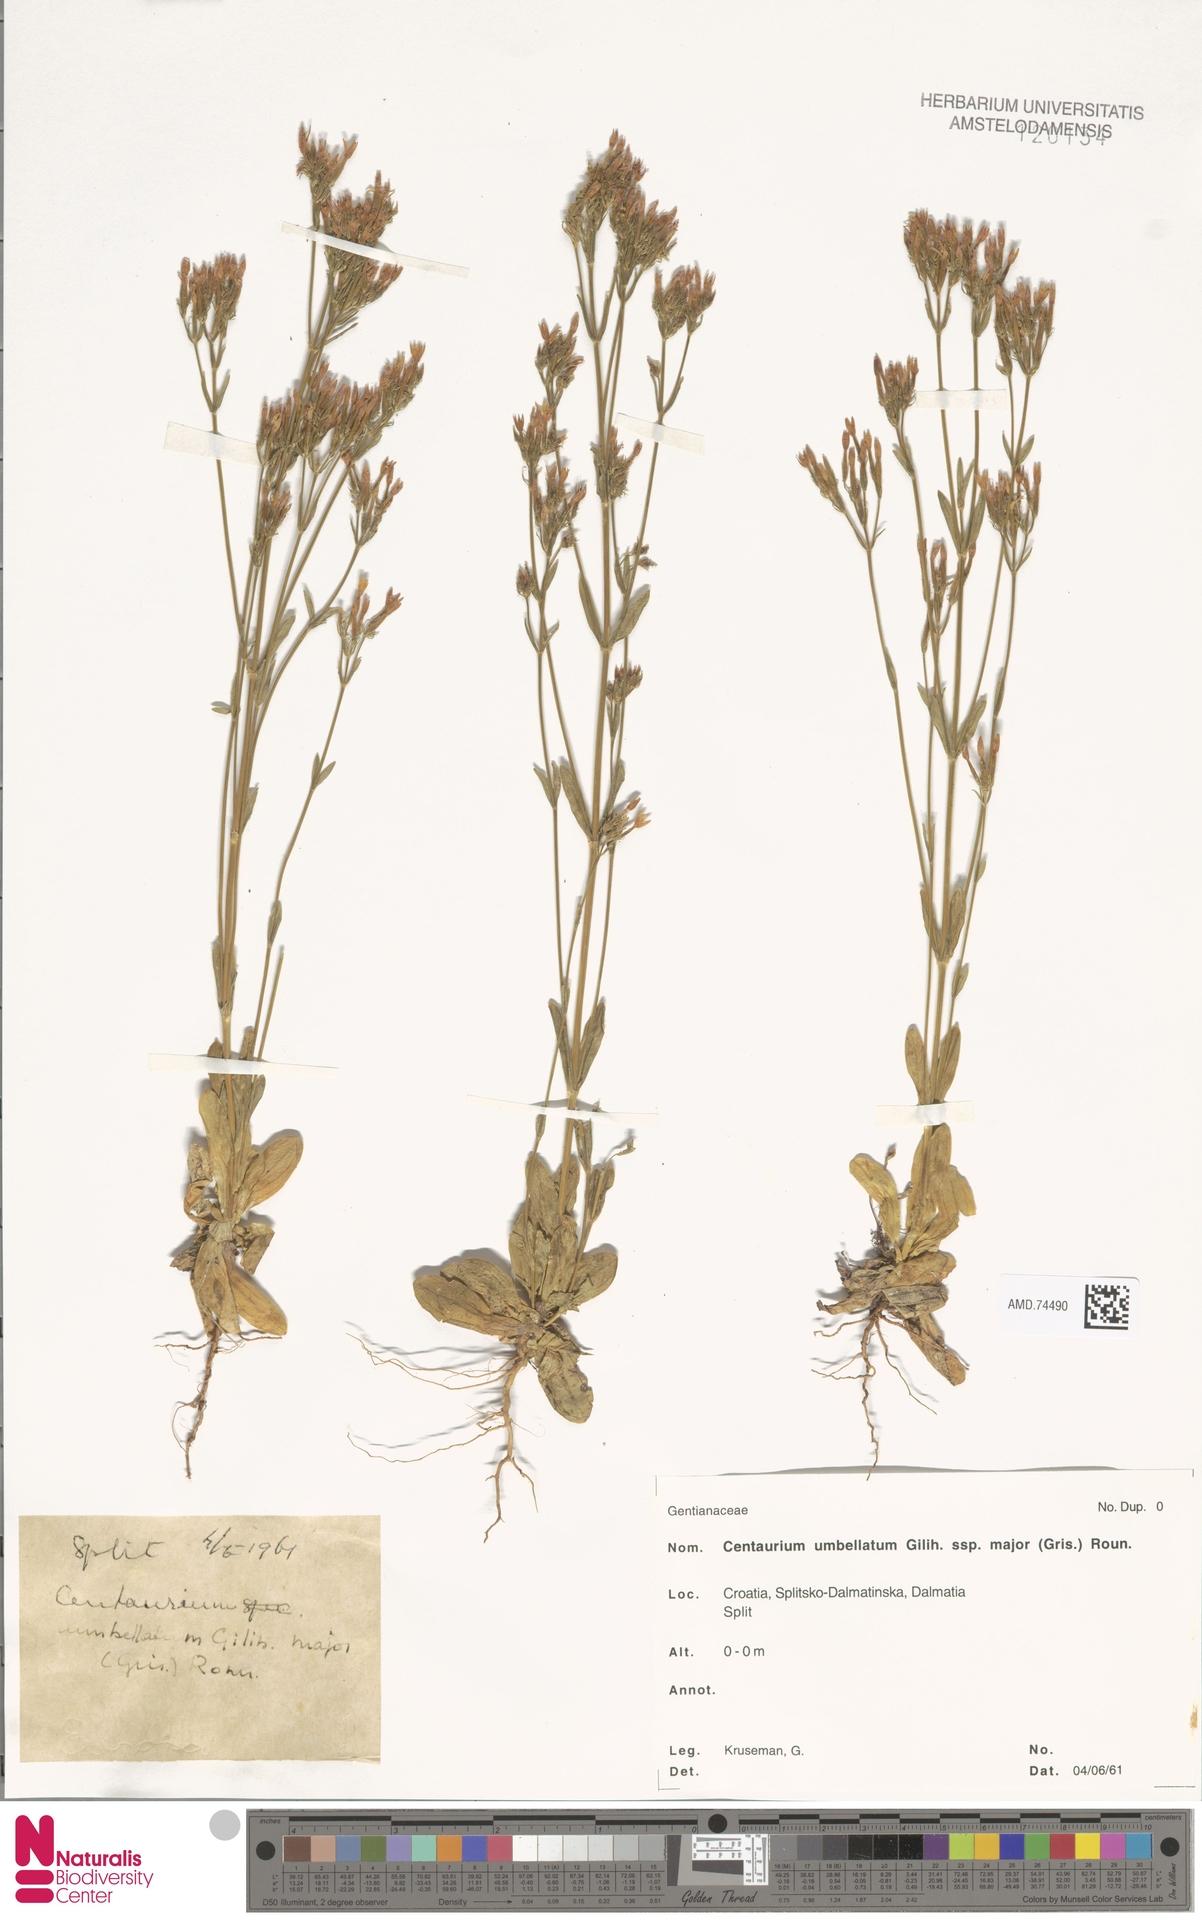 AMD.74490 | Centaurium umbellatum subsp. major